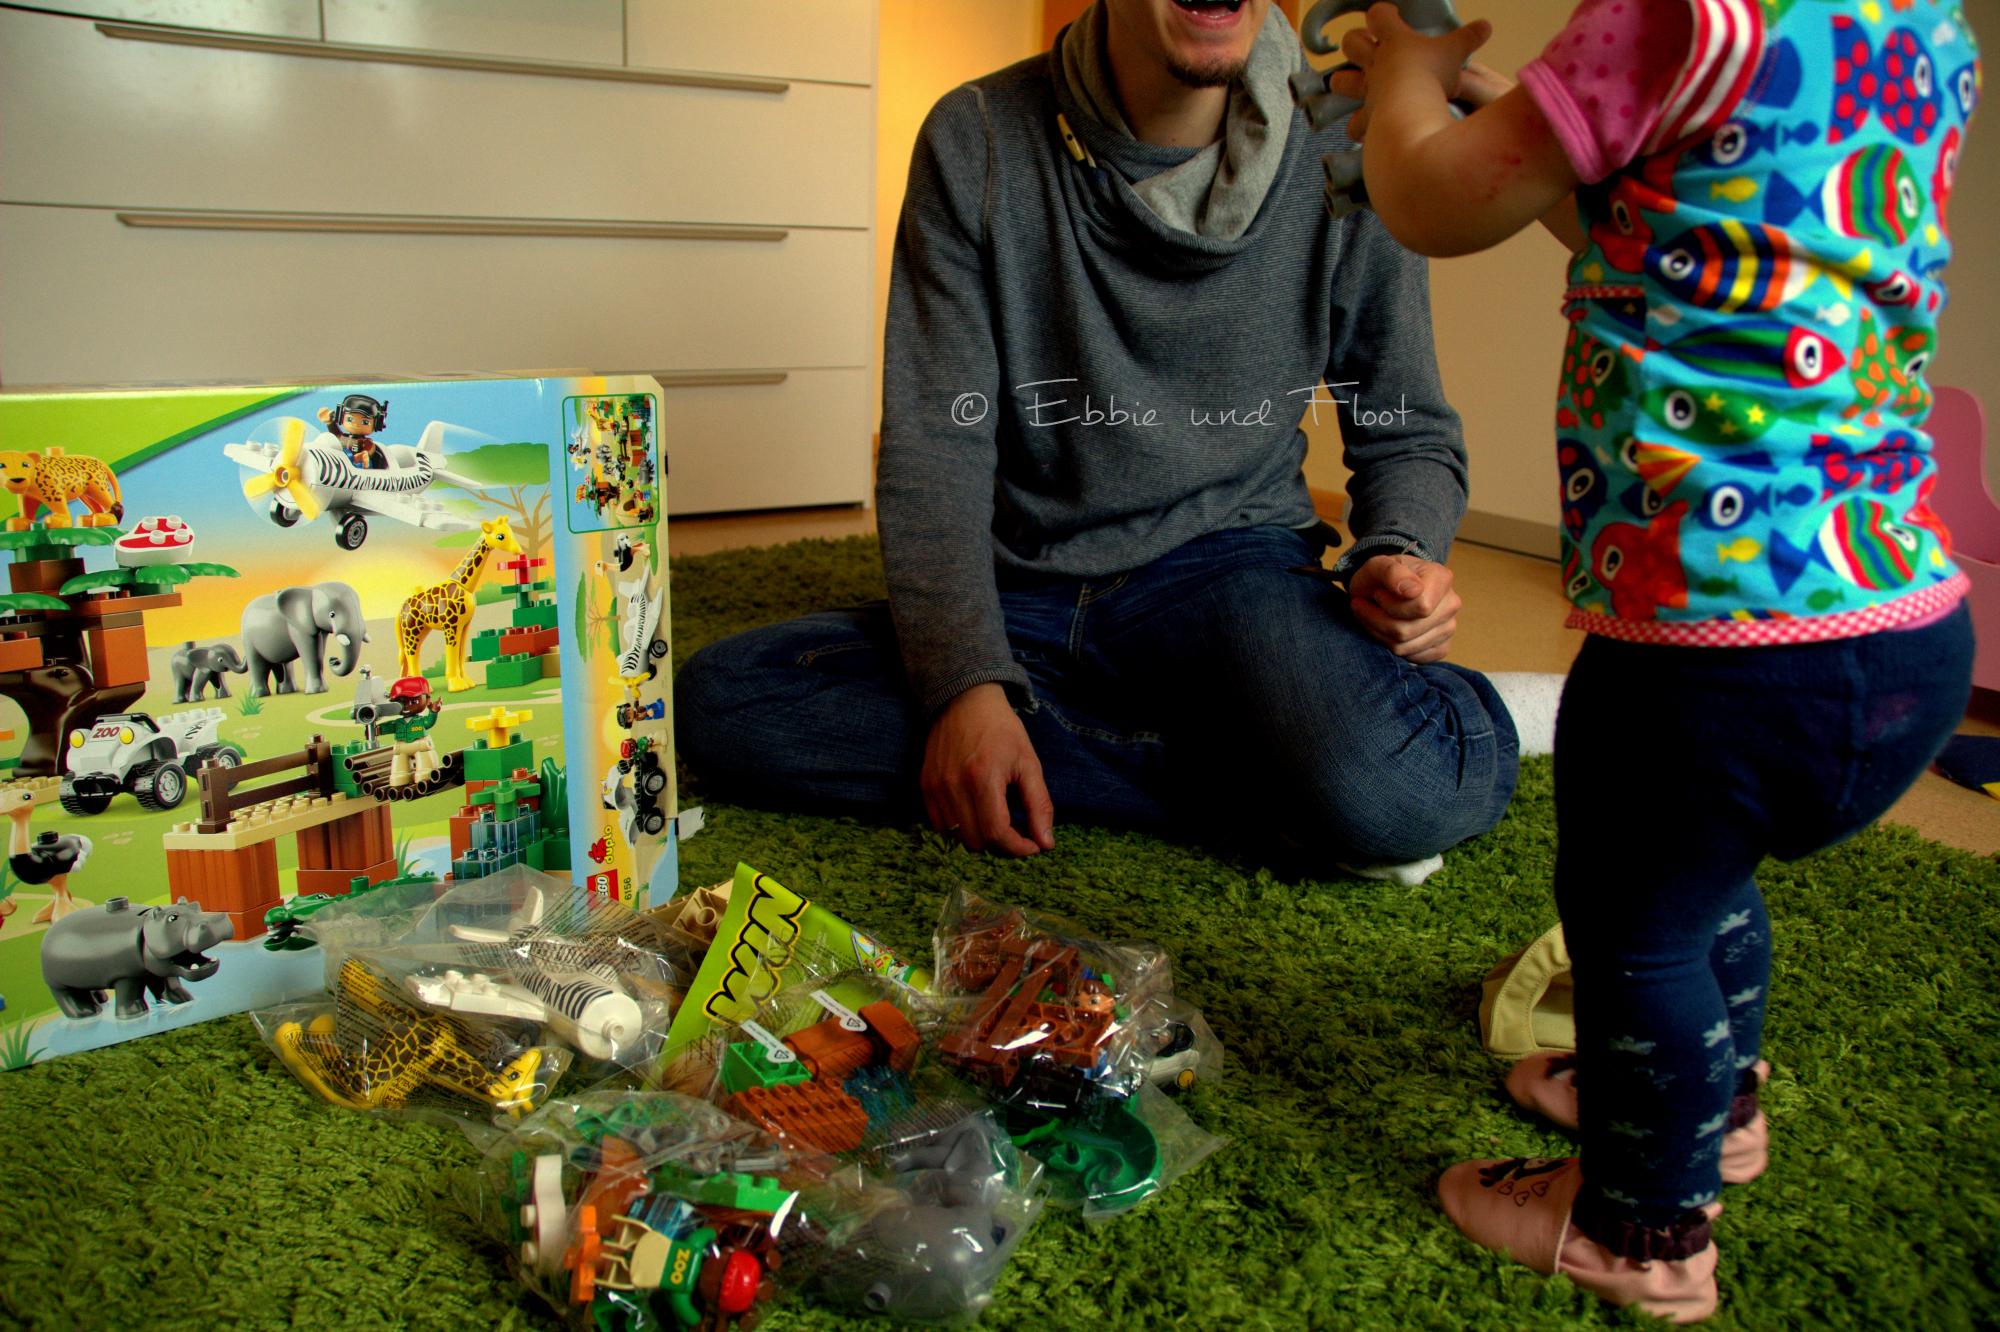 ebbie-und-floot_LEGO-Duplo_Gewinnspiel_Lillestoff_M.THiemig__0215.NEF